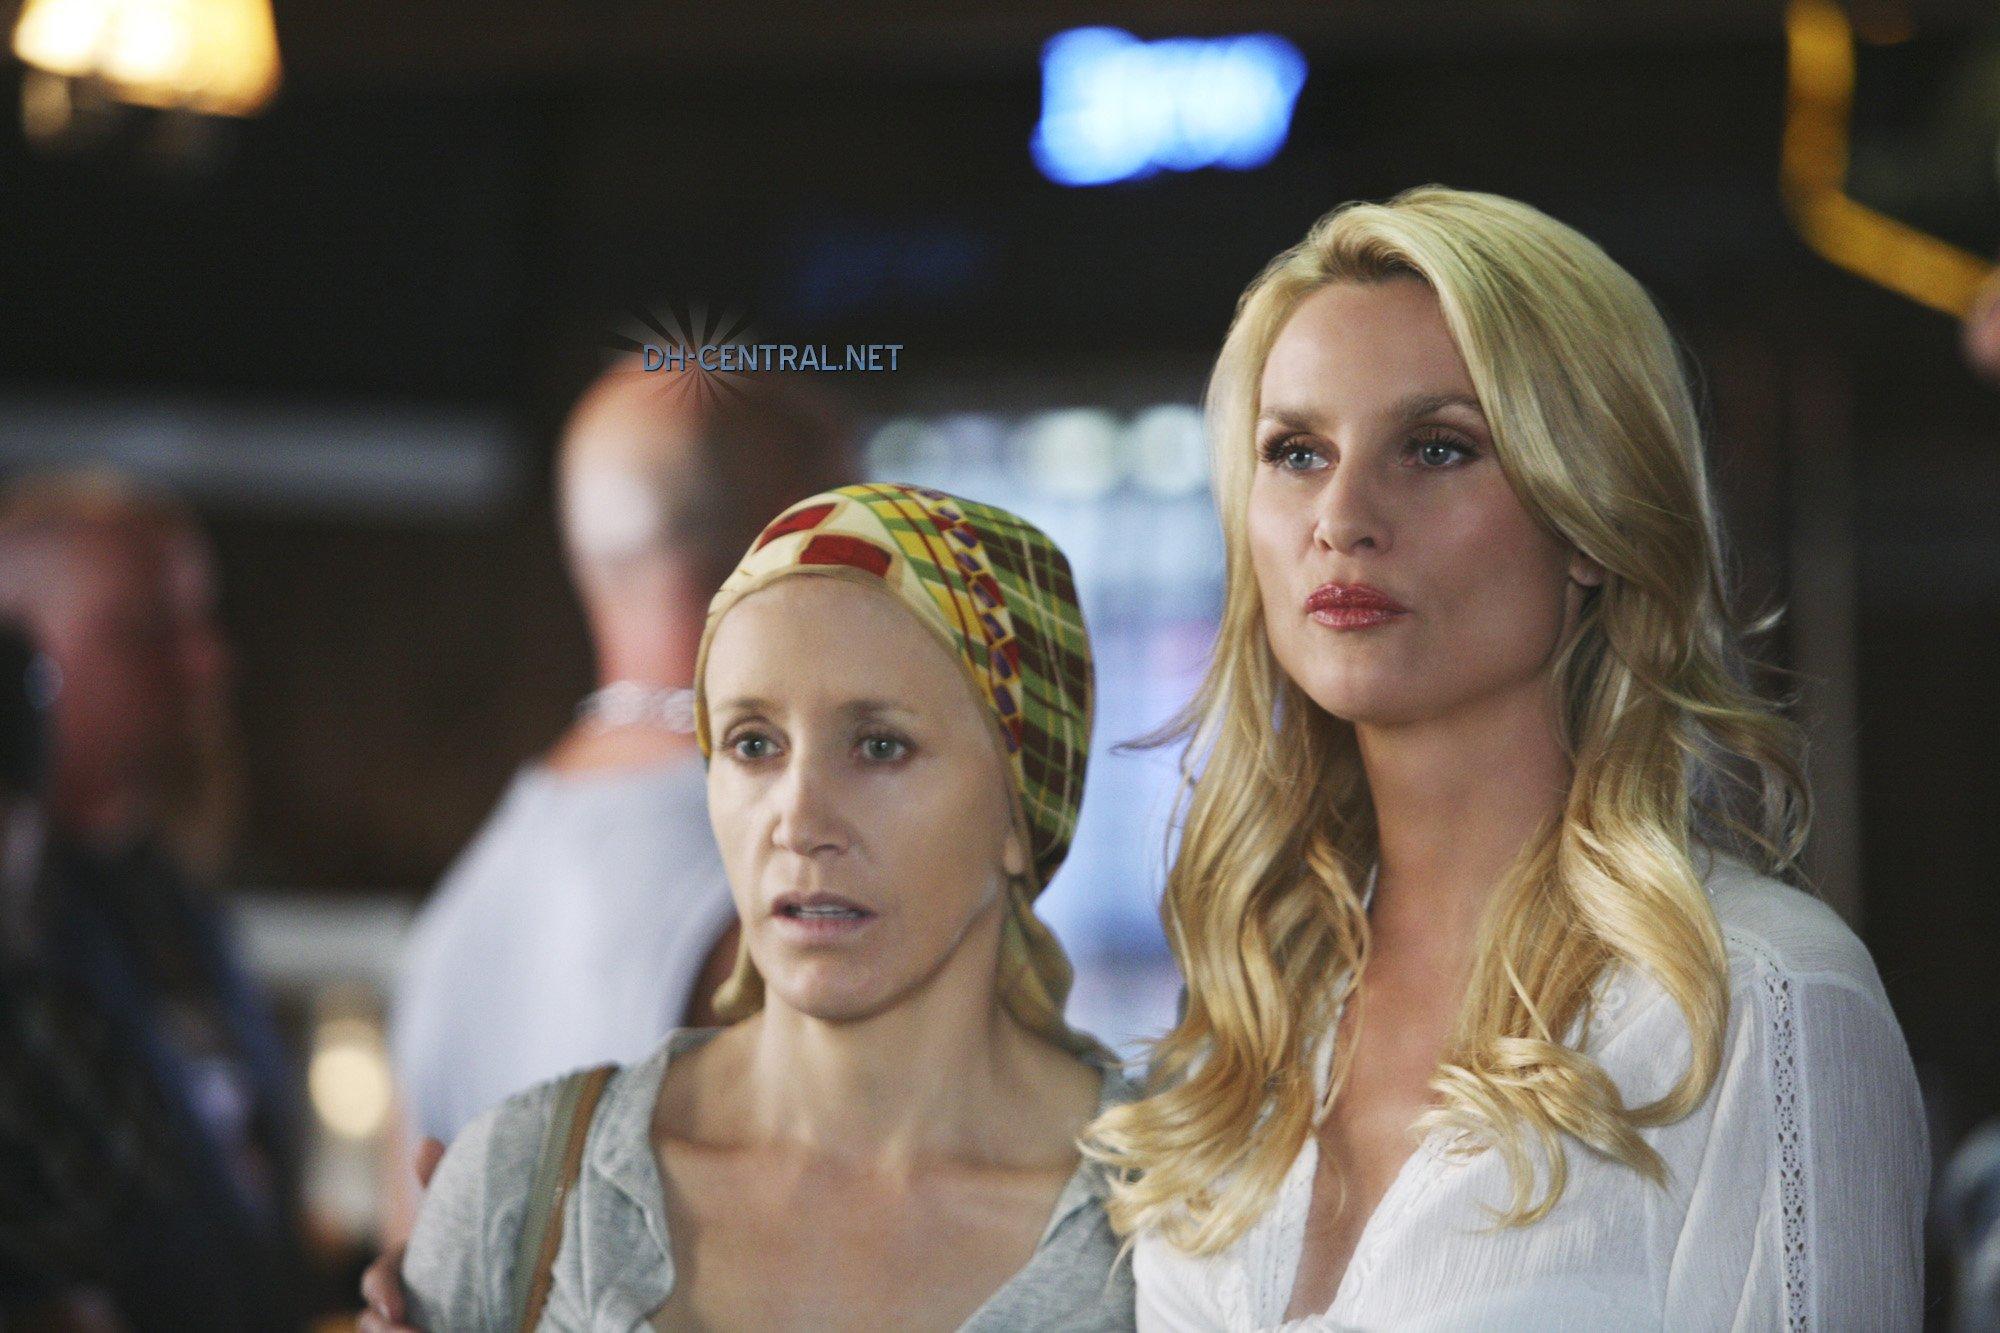 desperate housewives saison 8 episode 22 vf mixturevideo